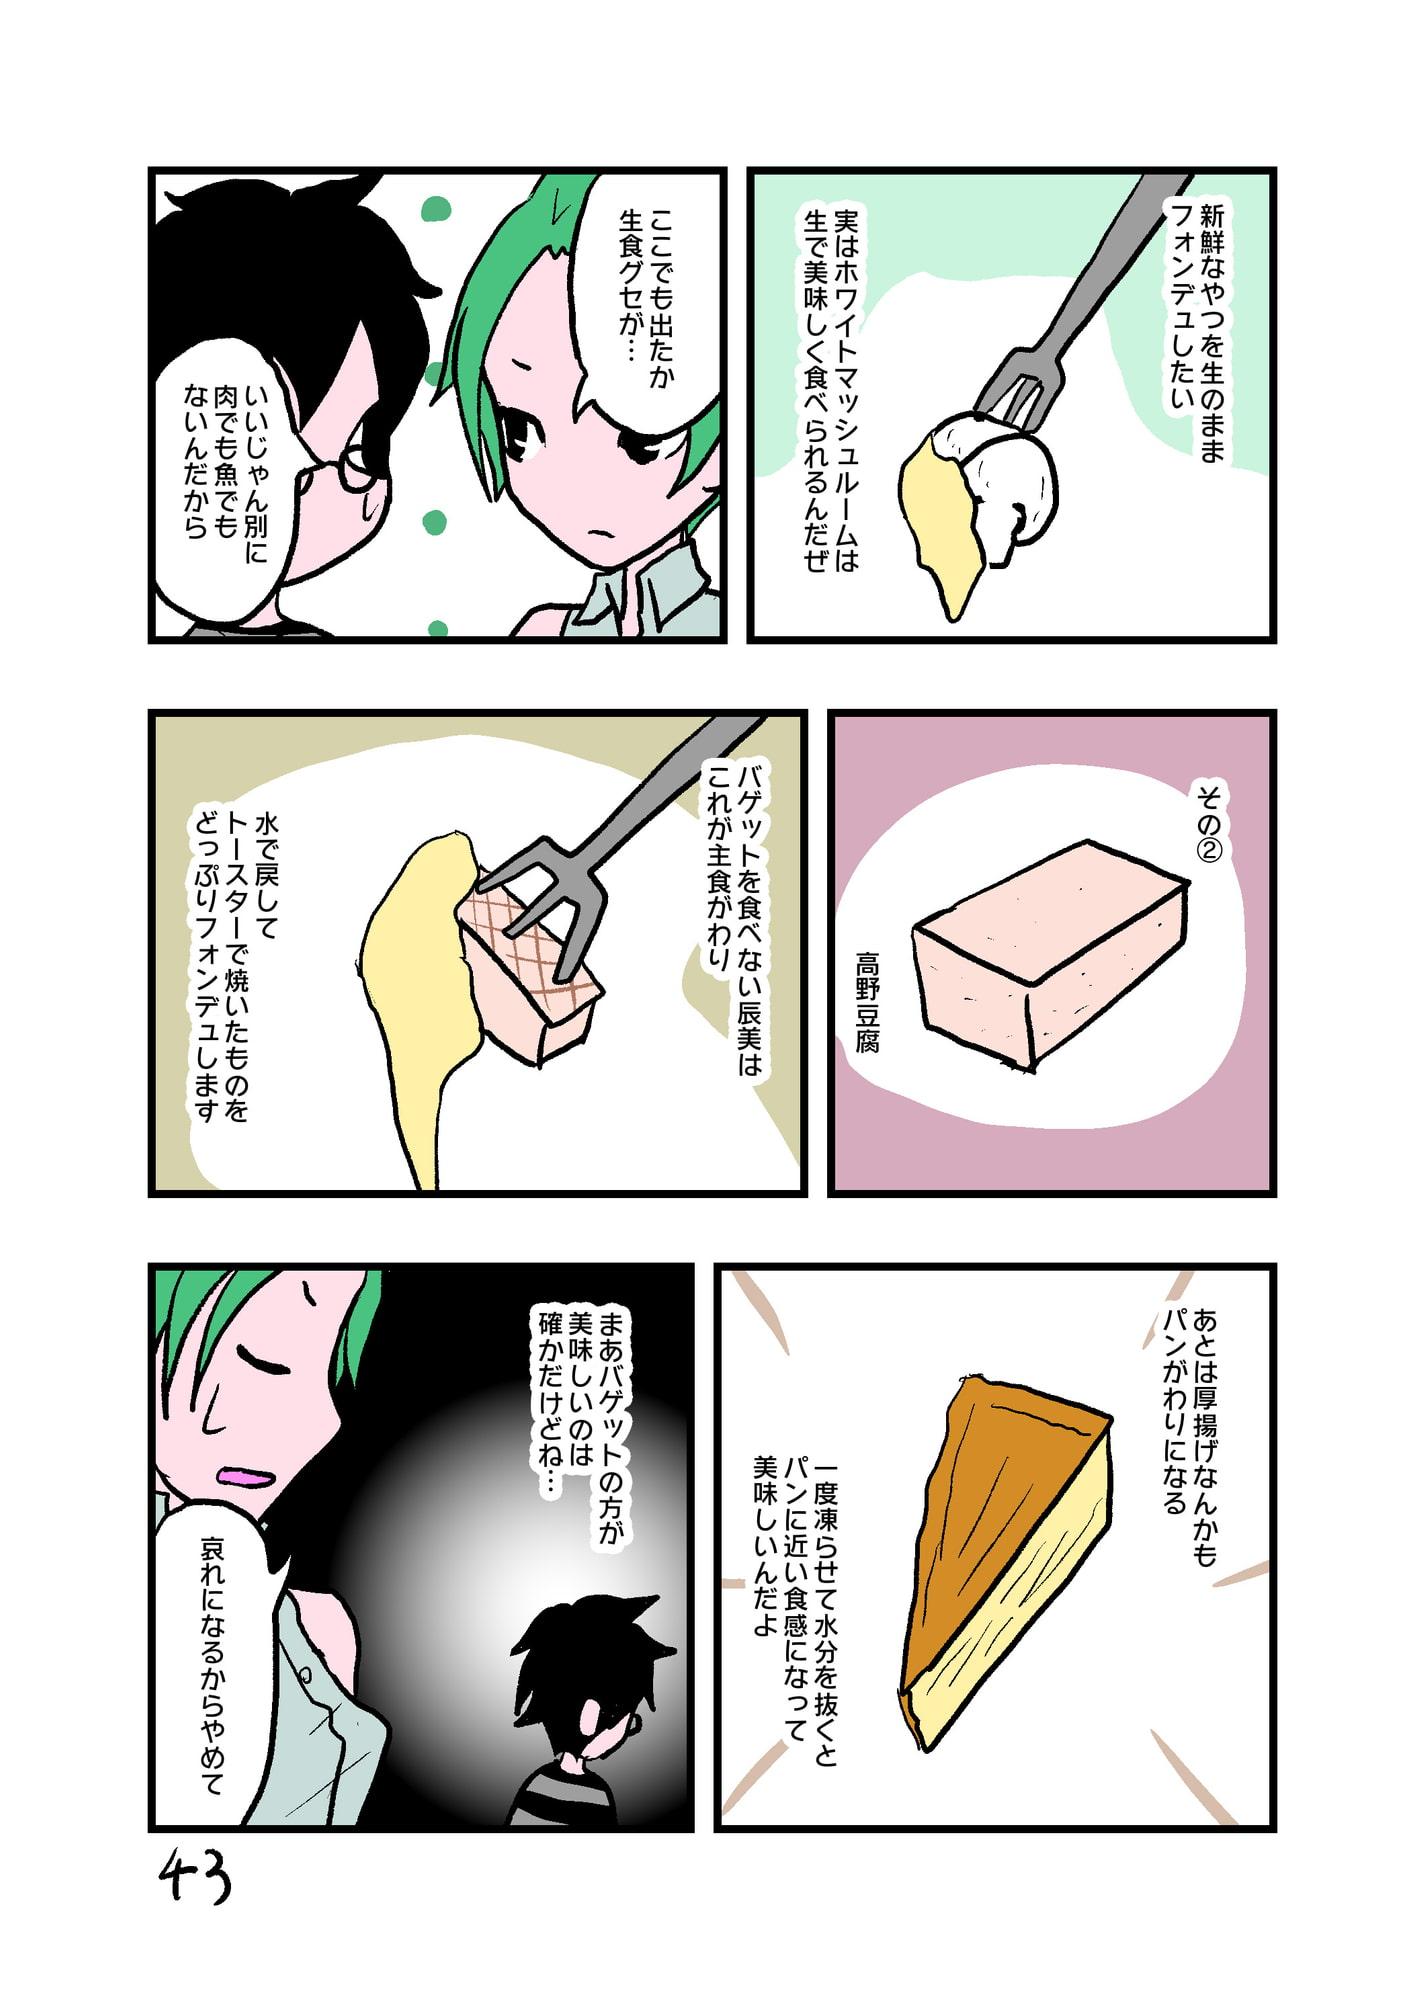 辰美の日常酒飯事本のサンプル画像